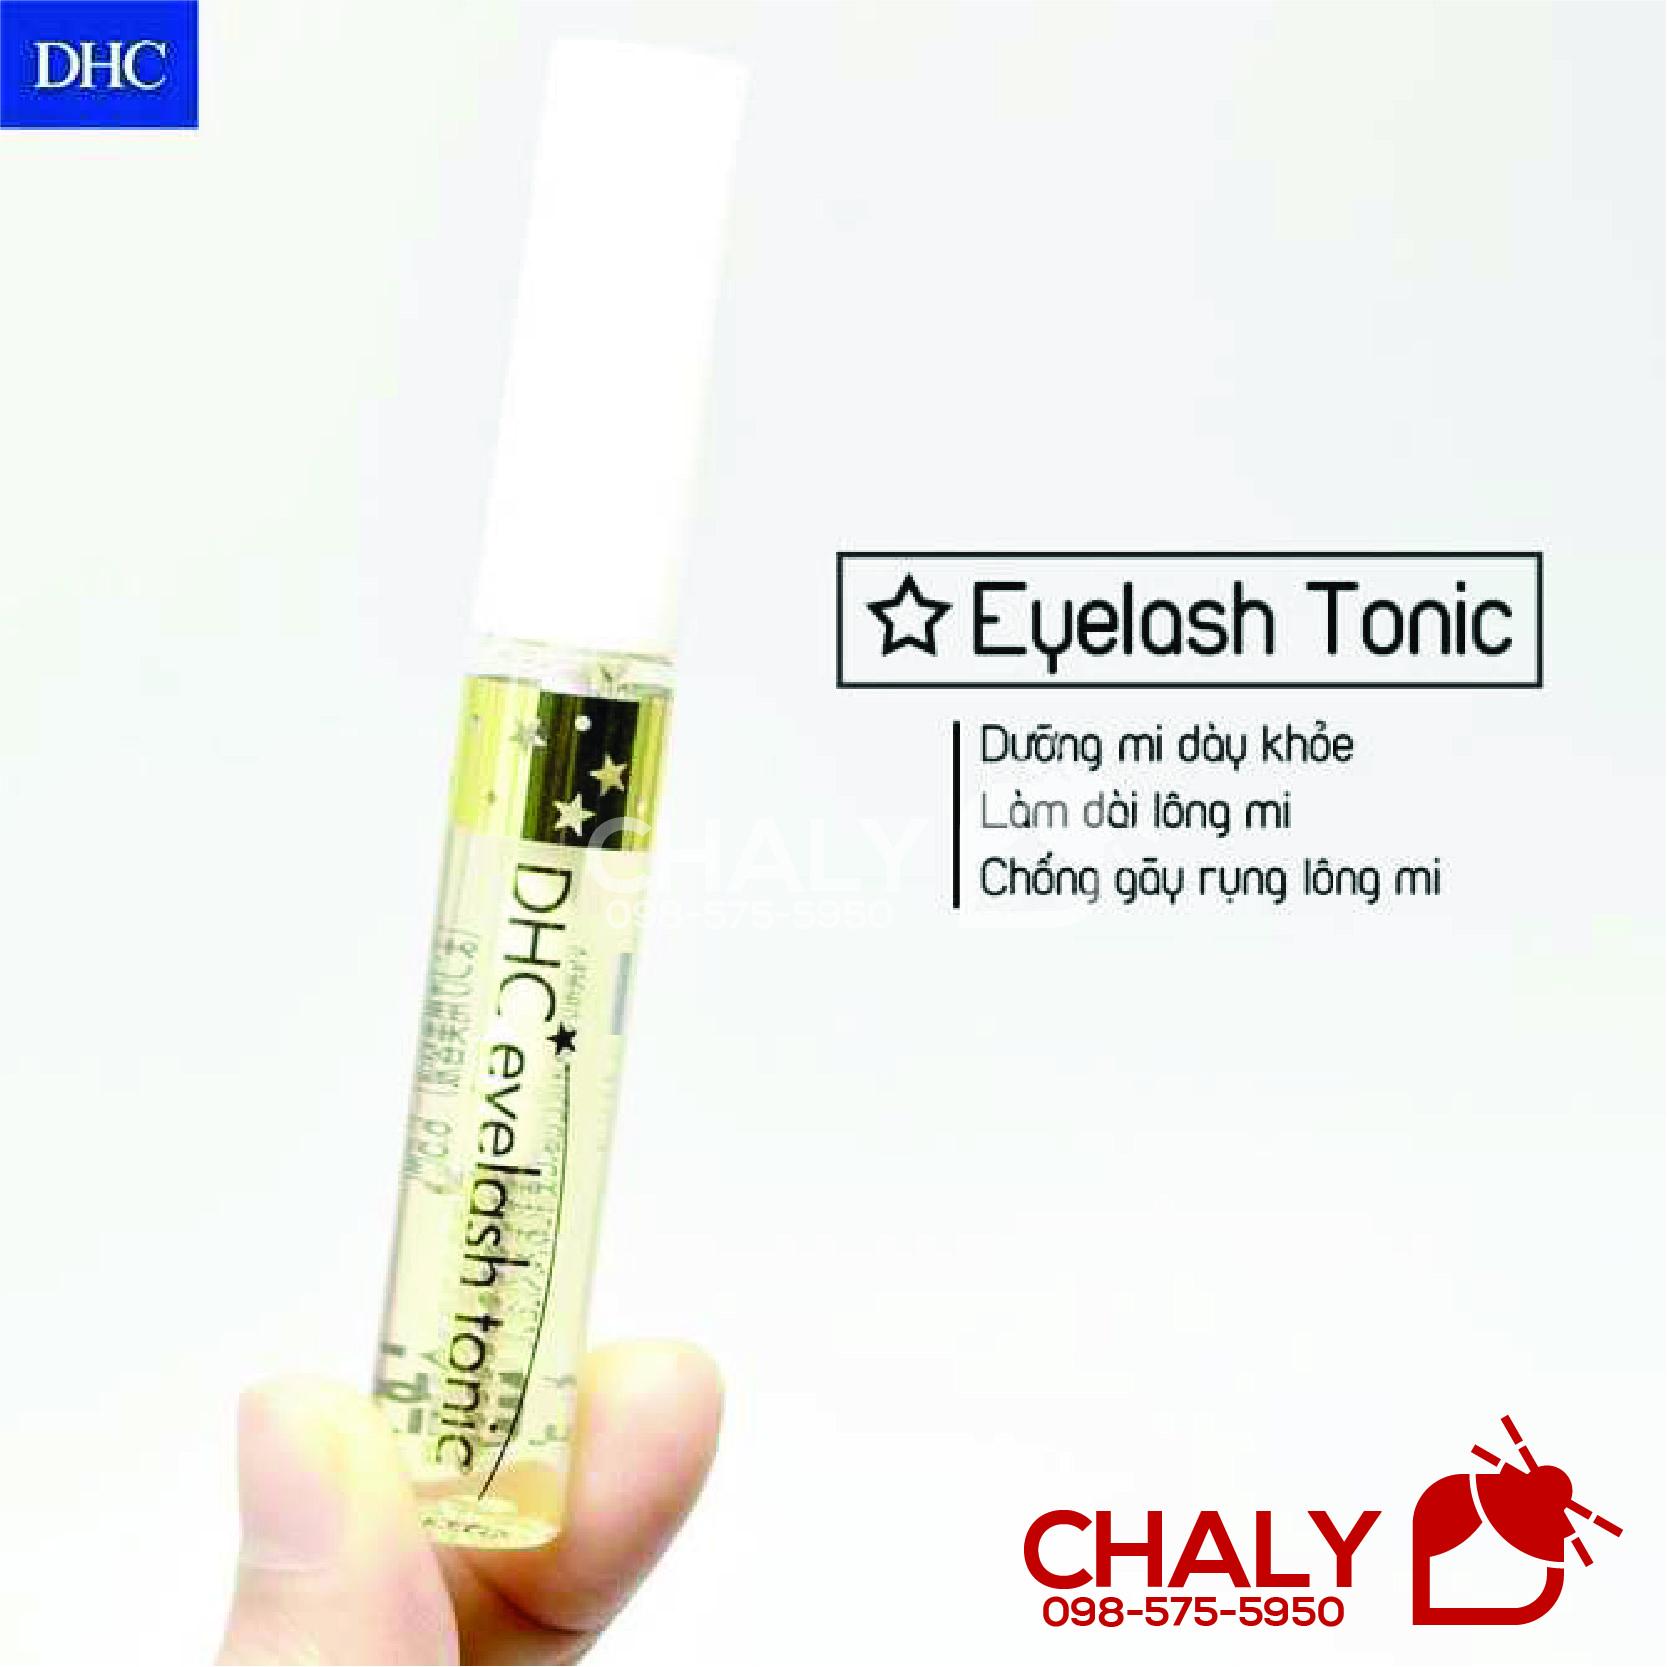 Dưỡng mi DHC Eyelash Tonic Nhật rất đa năng, được ưa chuộng vô cùng tại Nhật và toàn châu Á